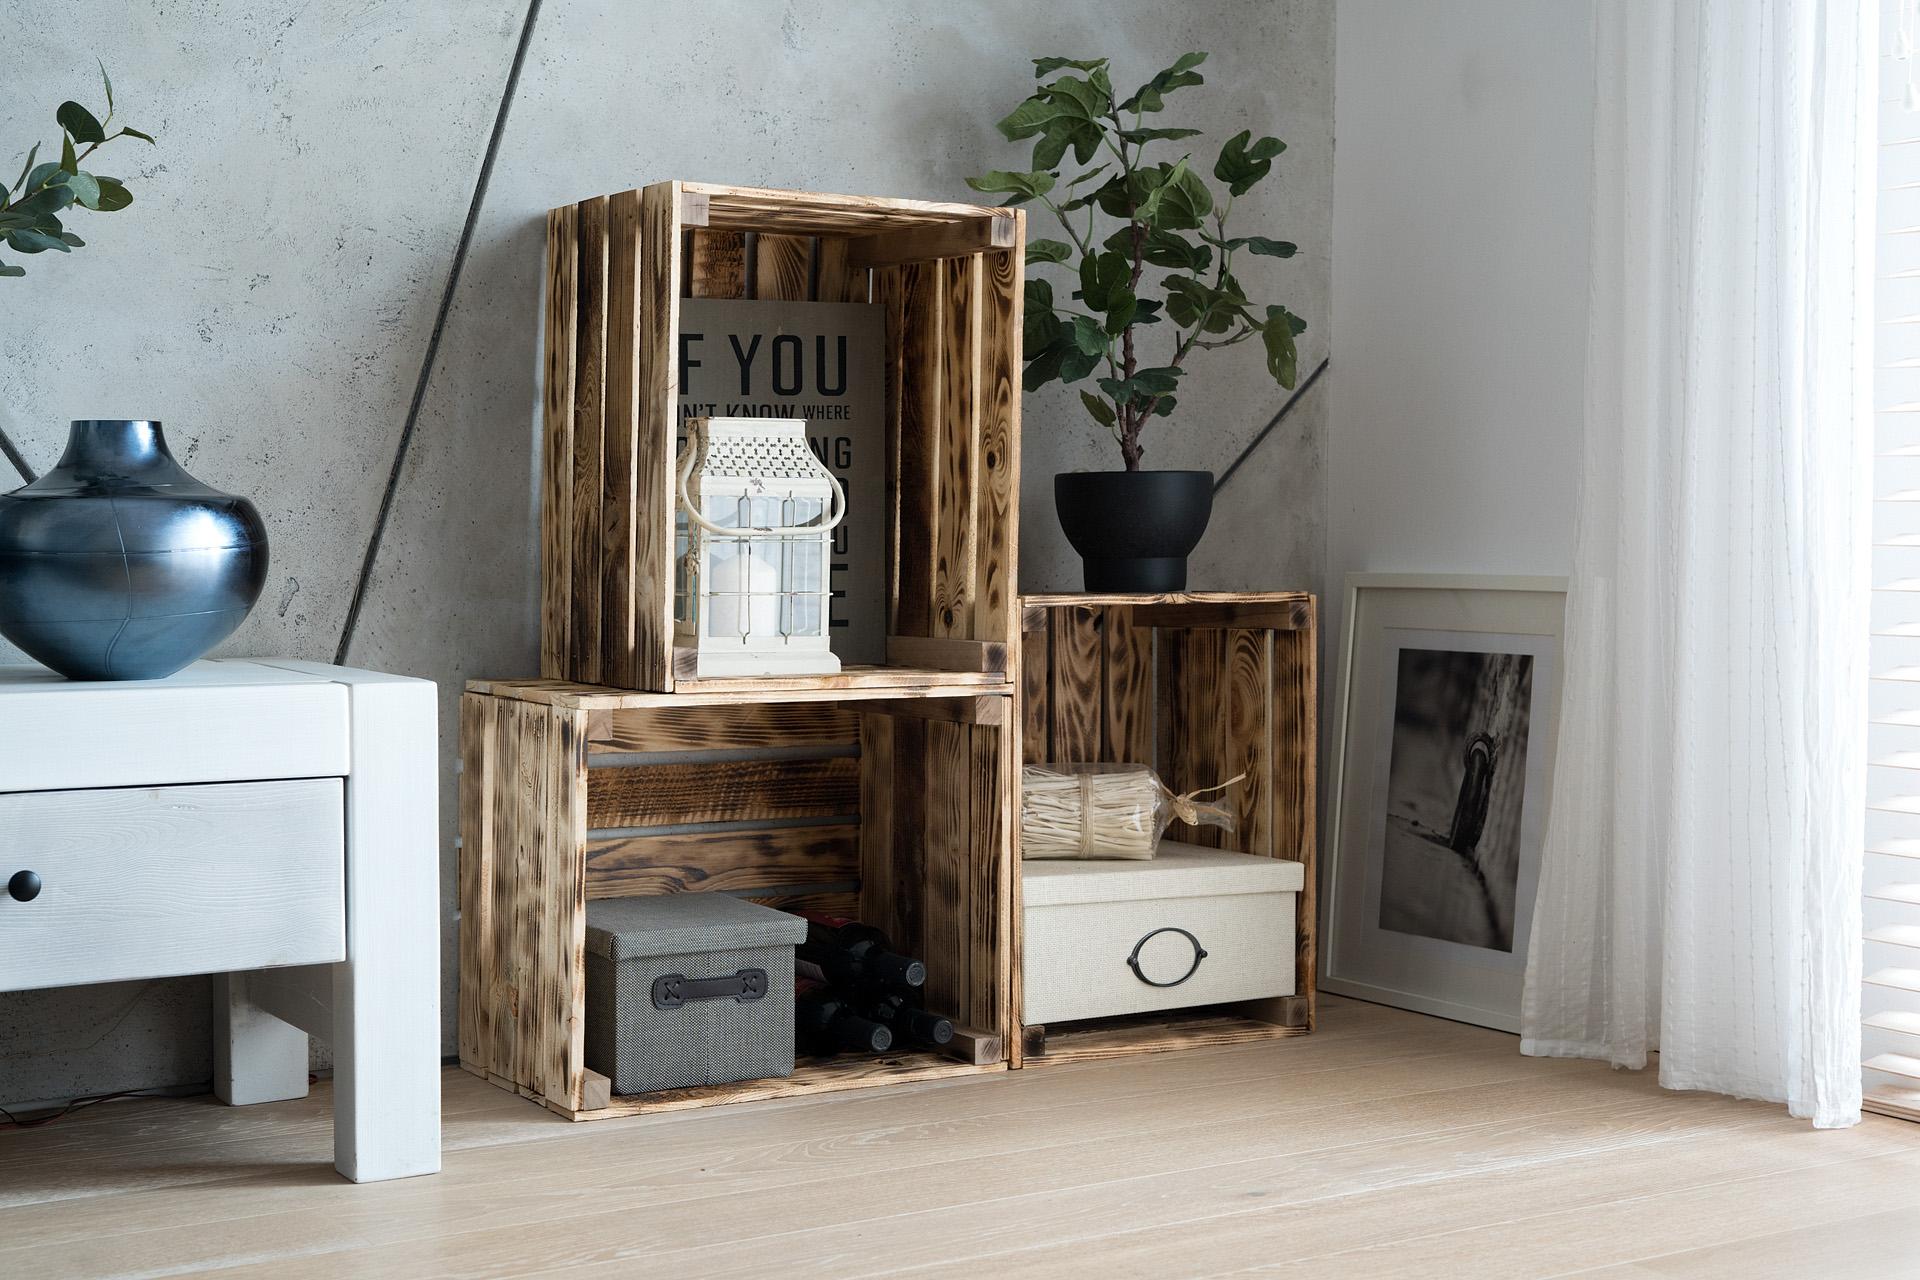 Caisse De Vin Déco caisse en bois flammé flame-box, caisse à vin, caisse à fruits, caisse de  décoration, rangement vintage shabby chic, caisse à bois de chauffage